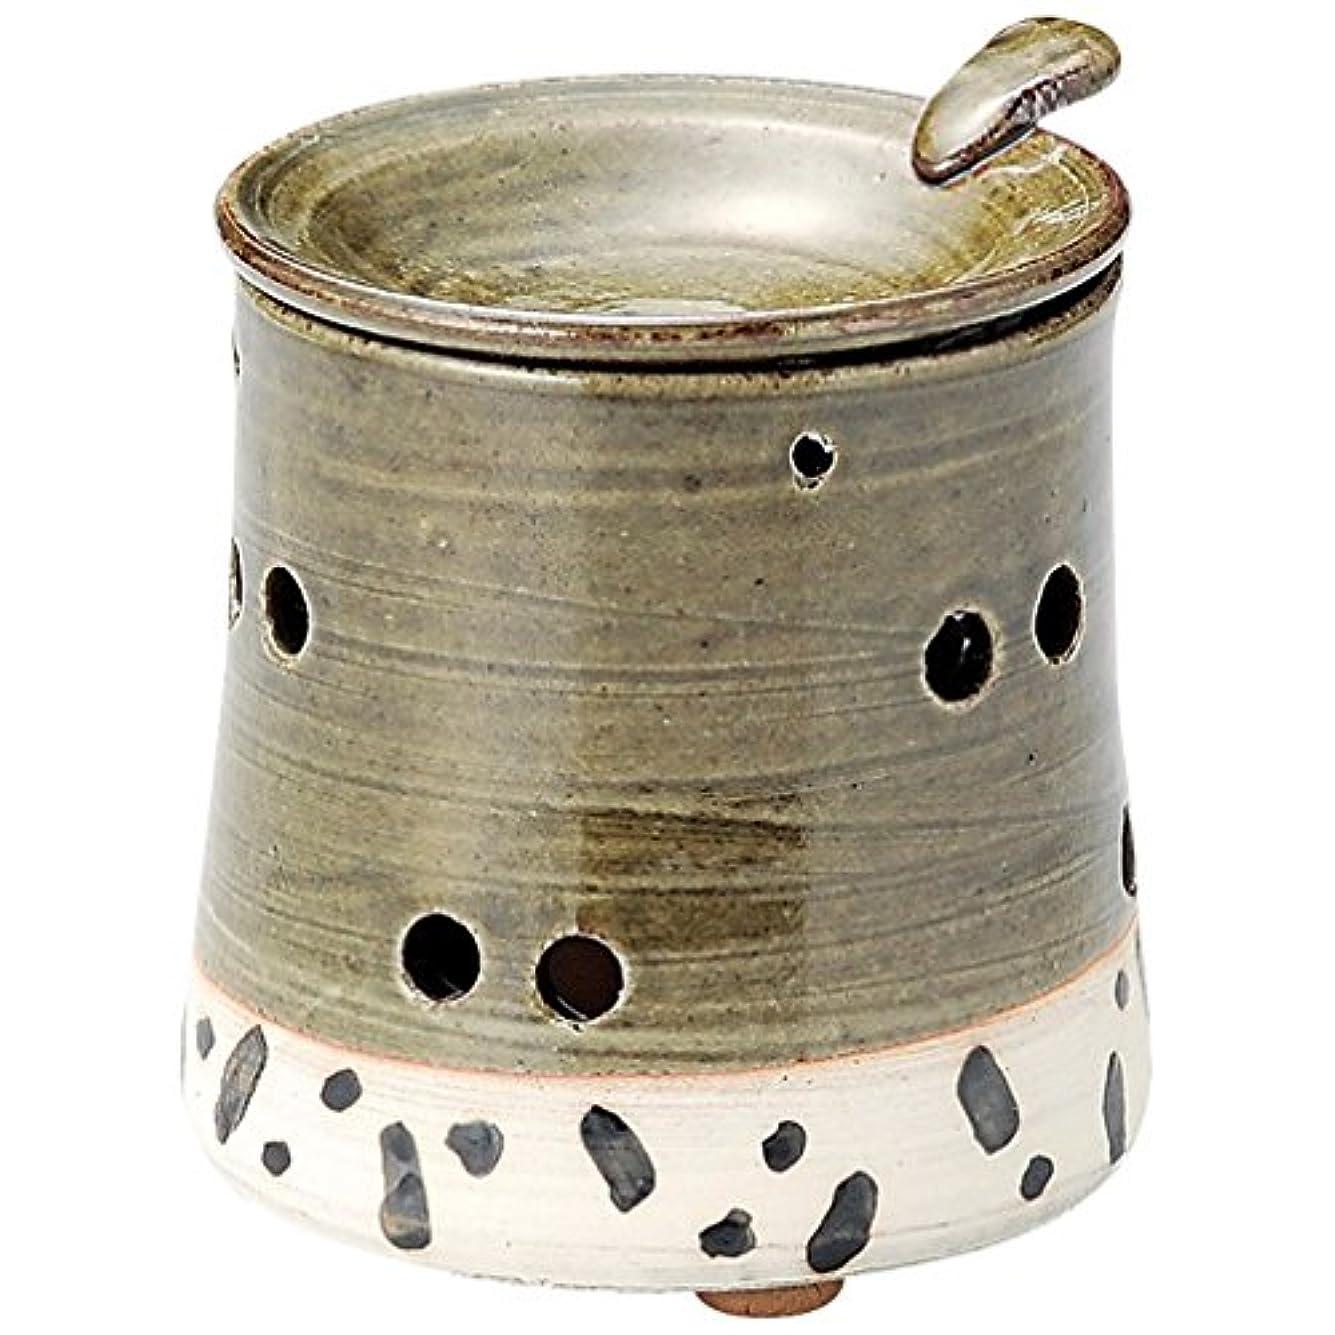 せせらぎ微視的冷ややかな山下工芸 常滑焼 山田織部釉茶香炉 10×9.5×9.5cm 13045680